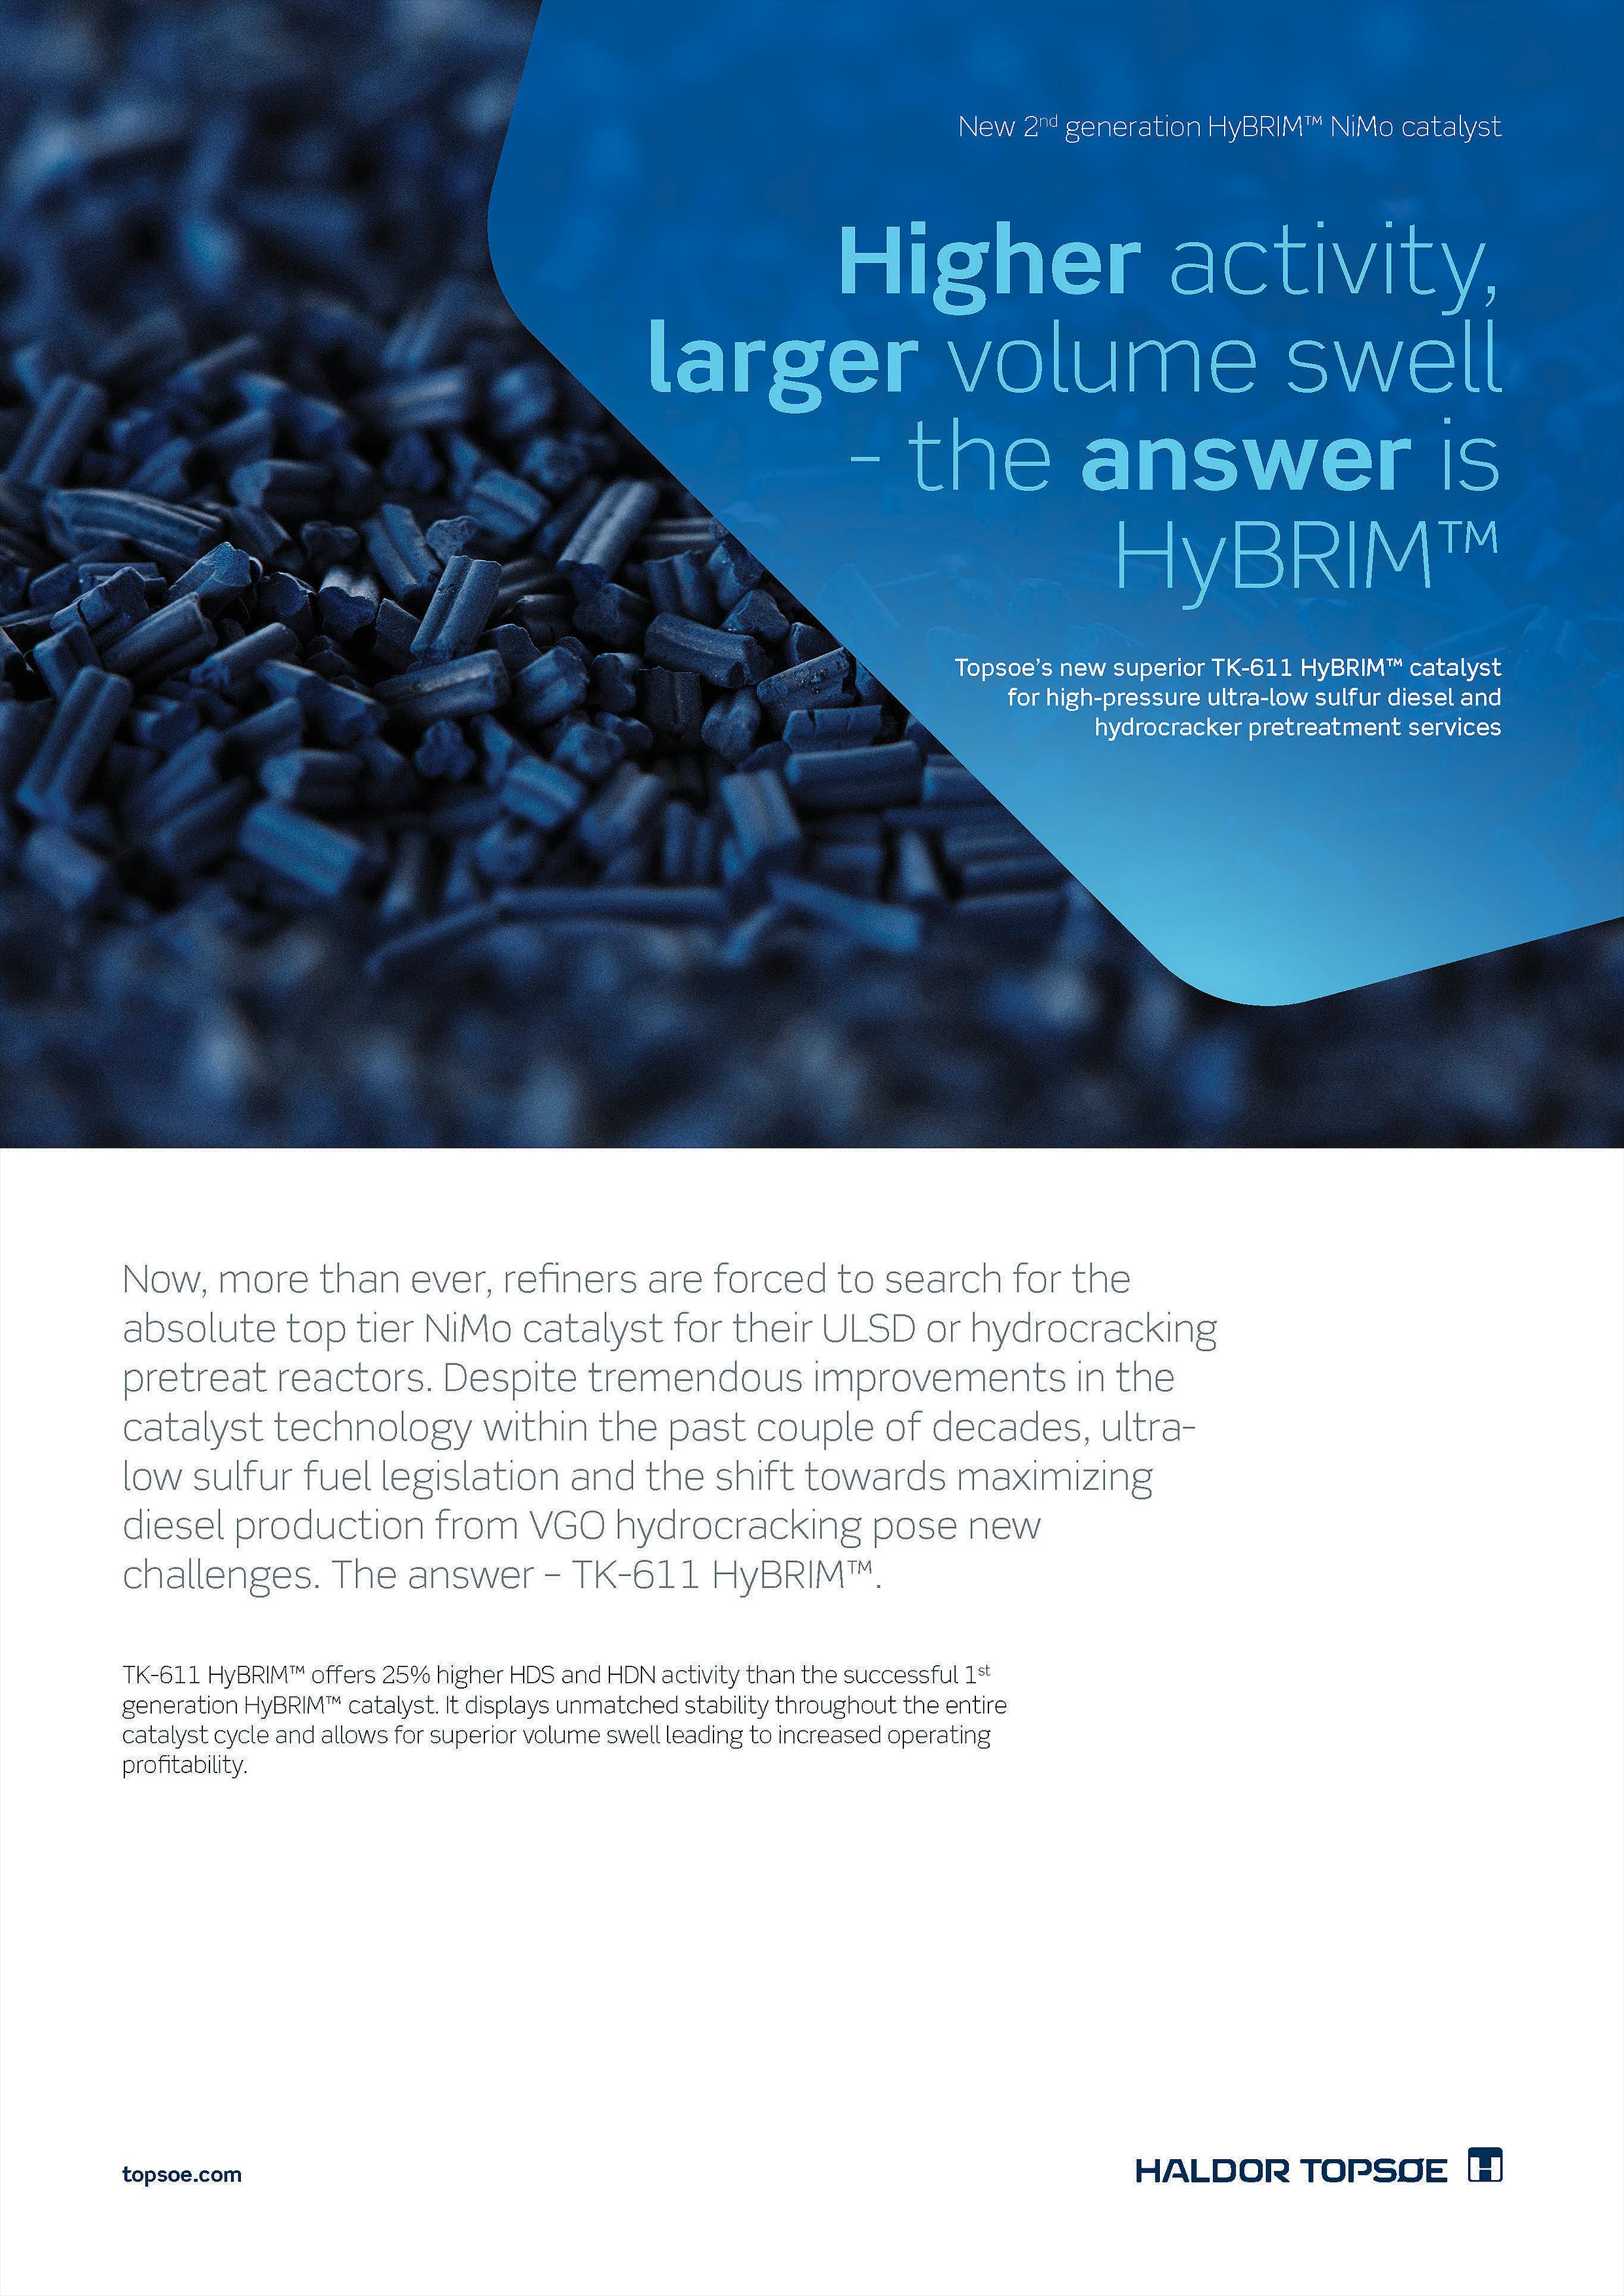 low-sulfur-fuel-diesel-production-hybrim-catalyst-details